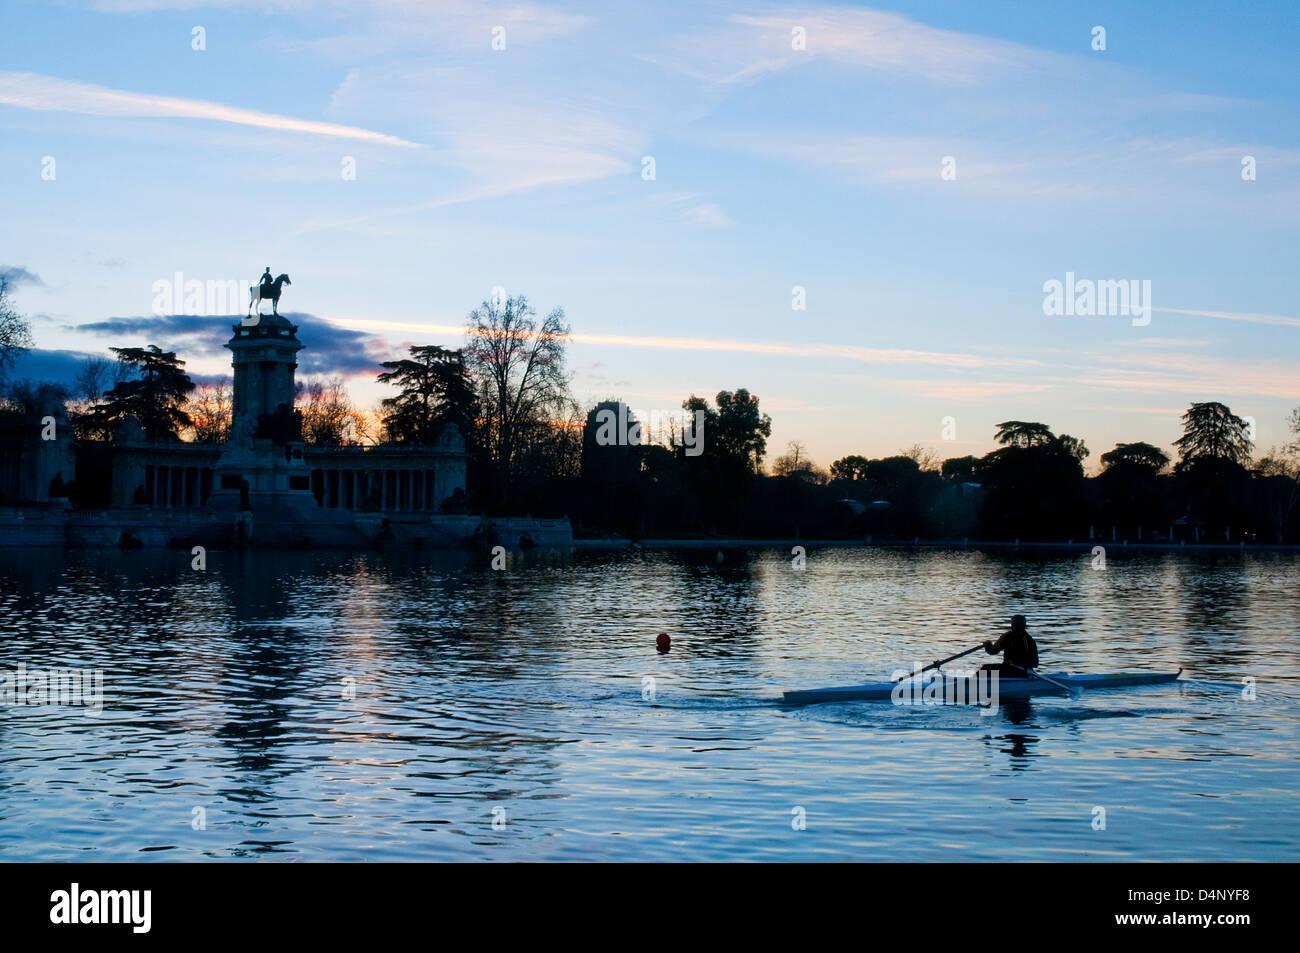 Hombre de remar en el amanecer en el estanque. El parque del Retiro, Madrid, España. Foto de stock